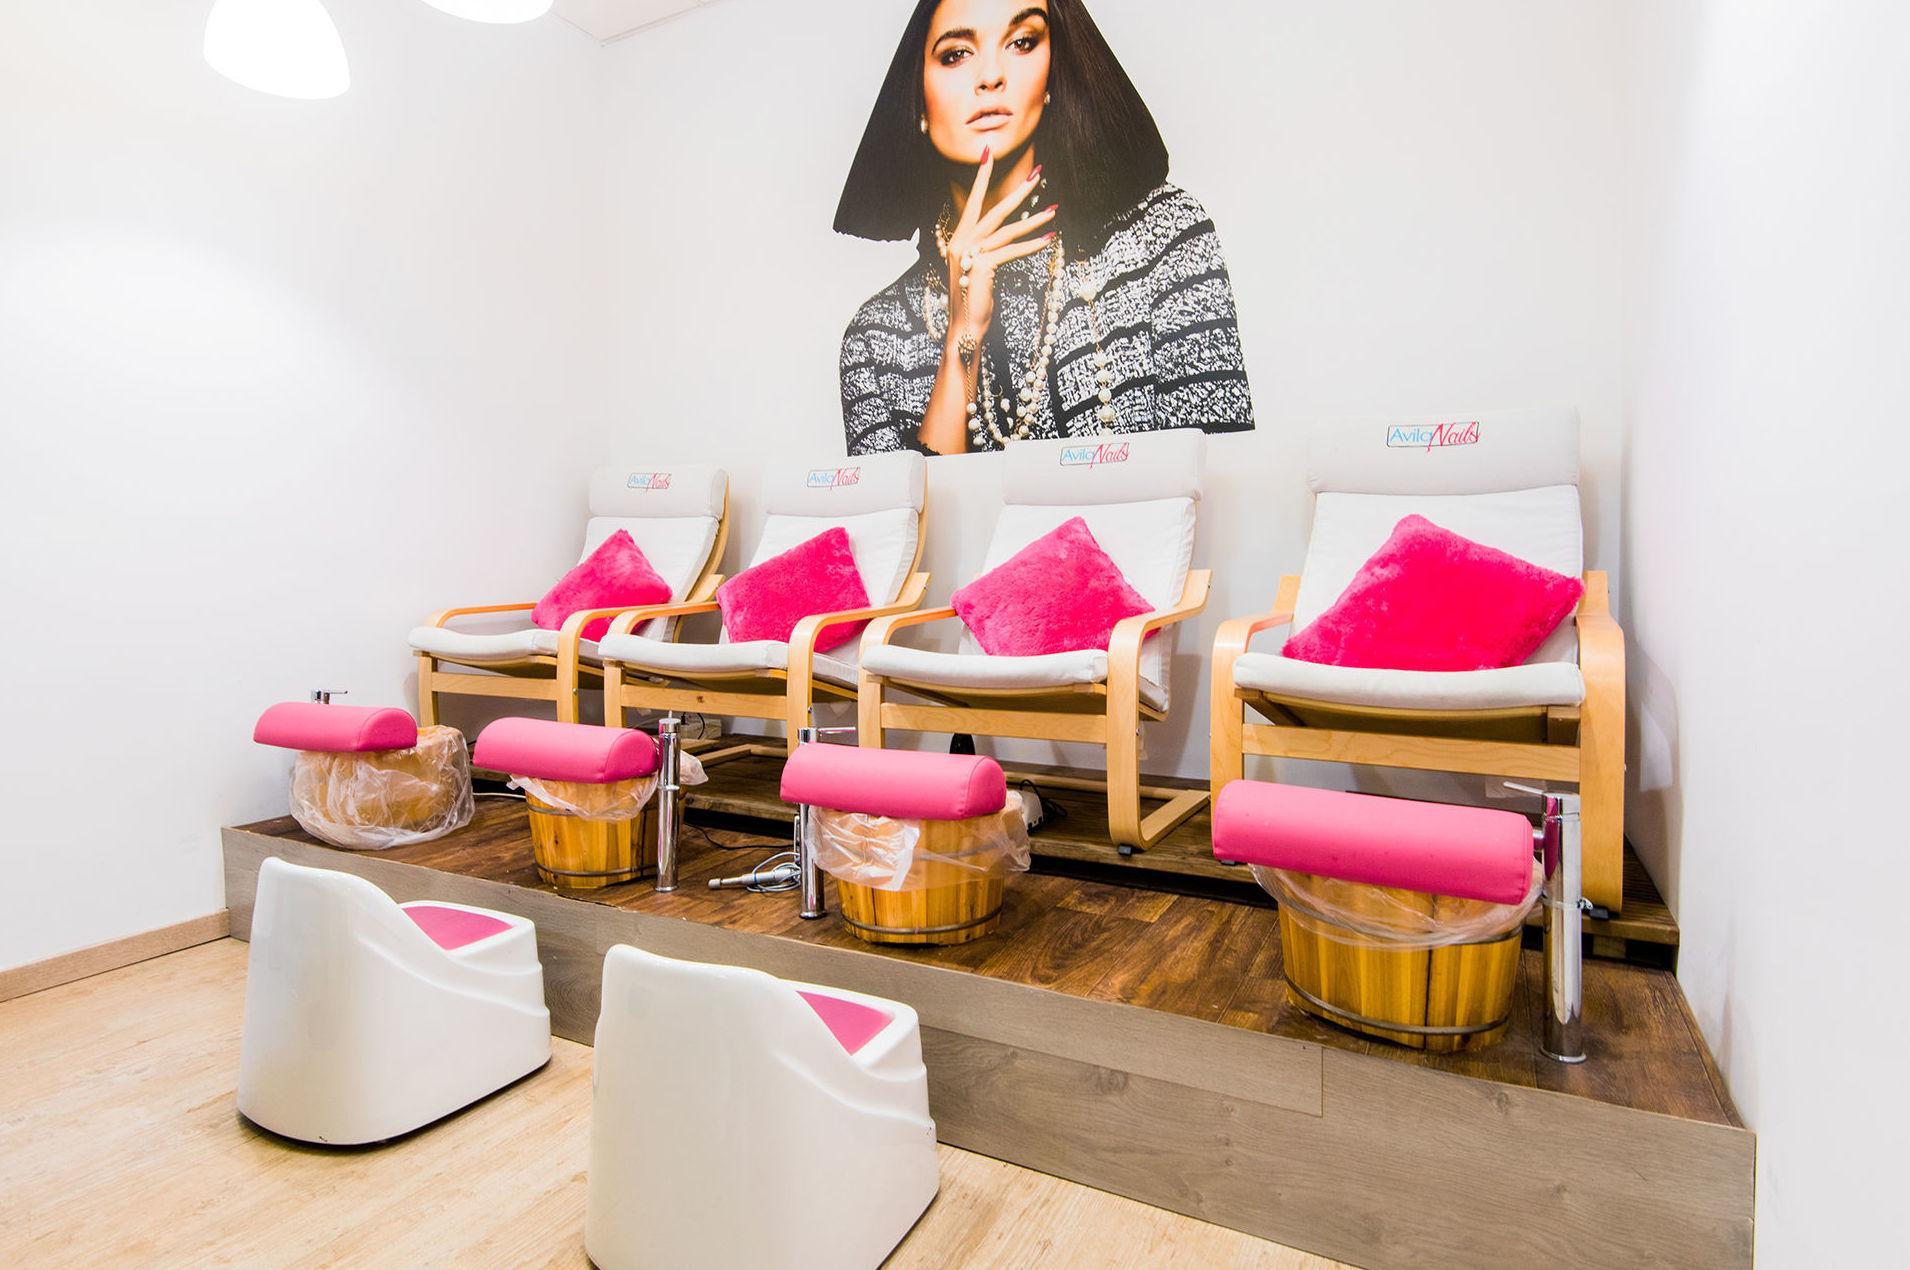 Foto 2 de Centro de estética especializado en tratamientos de manicura y pedicura en Madrid | Ávila Nails